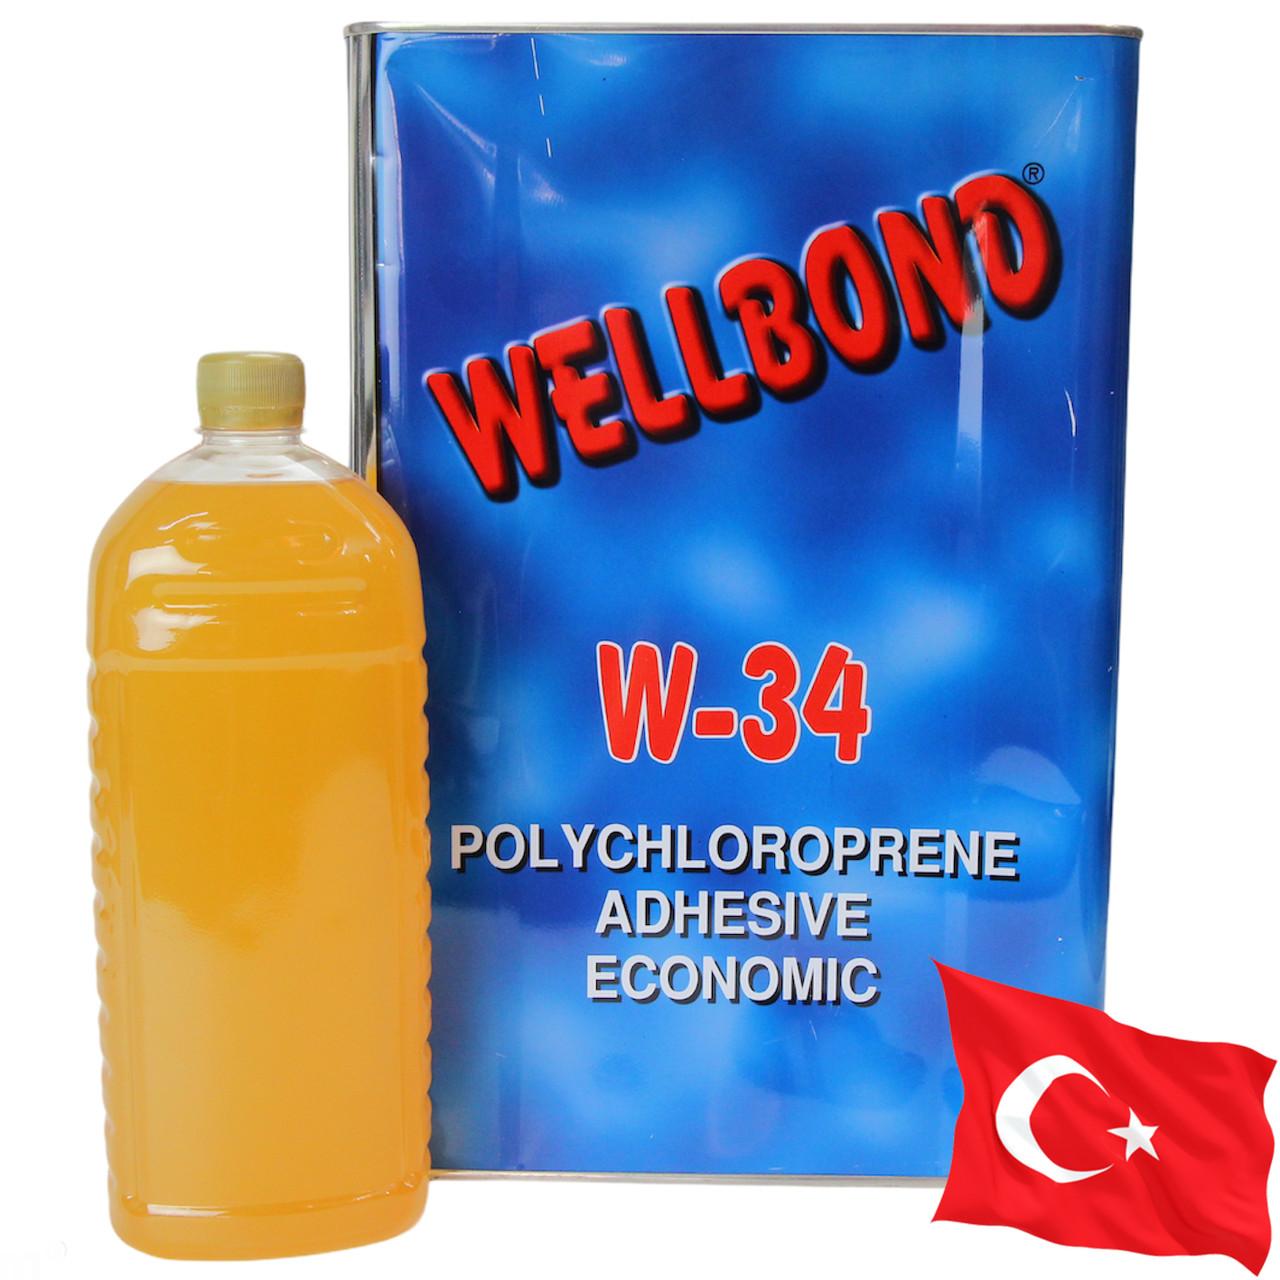 Клей wellbond w-34 (полихлоропреновый), тканей, карпета, ковролина, пластика и других покрытий, Турция 1л